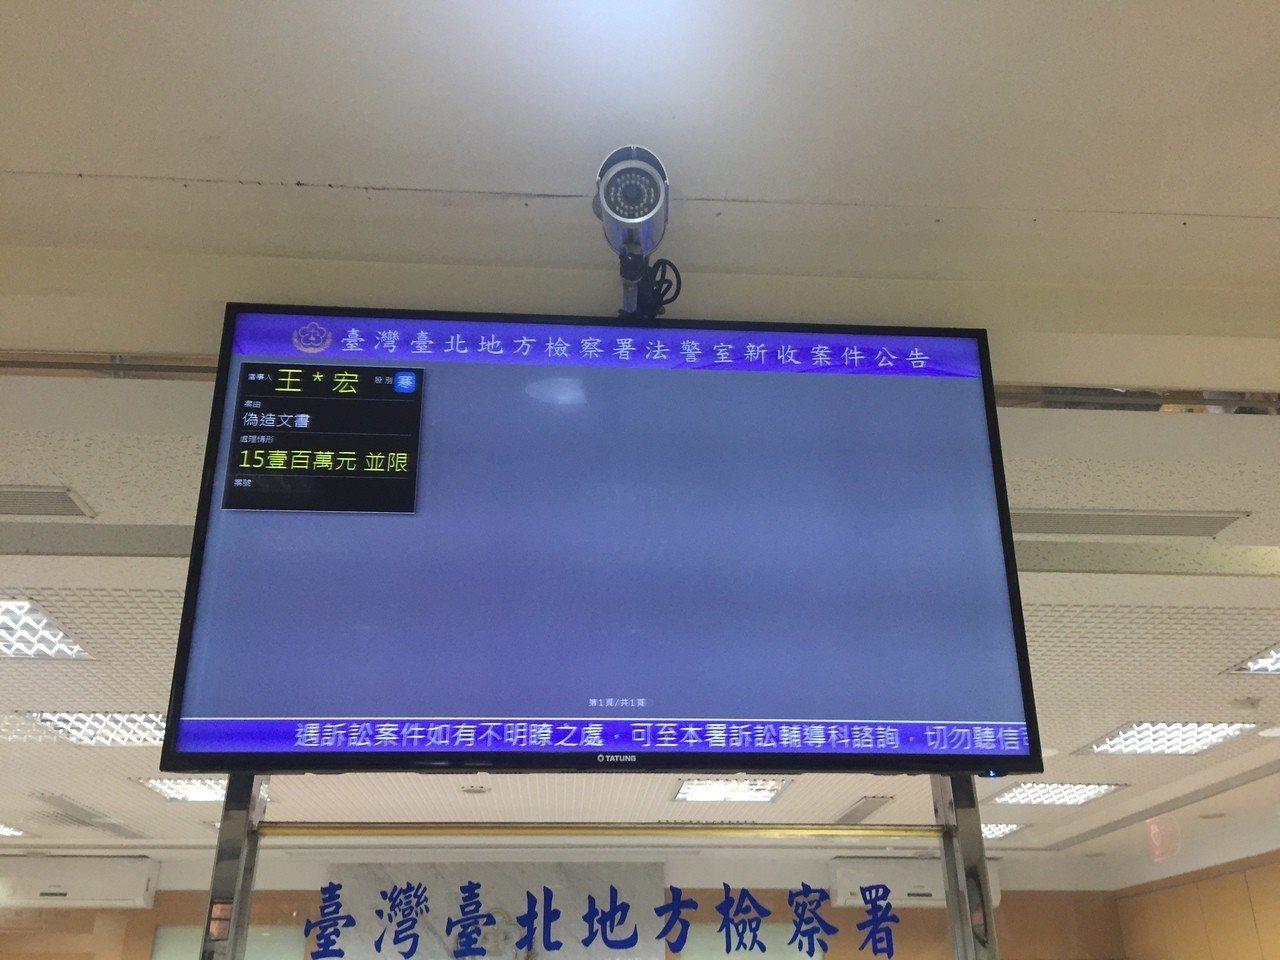 王權宏昨晚移送台北地檢署複訊。記者賴佩璇/攝影。